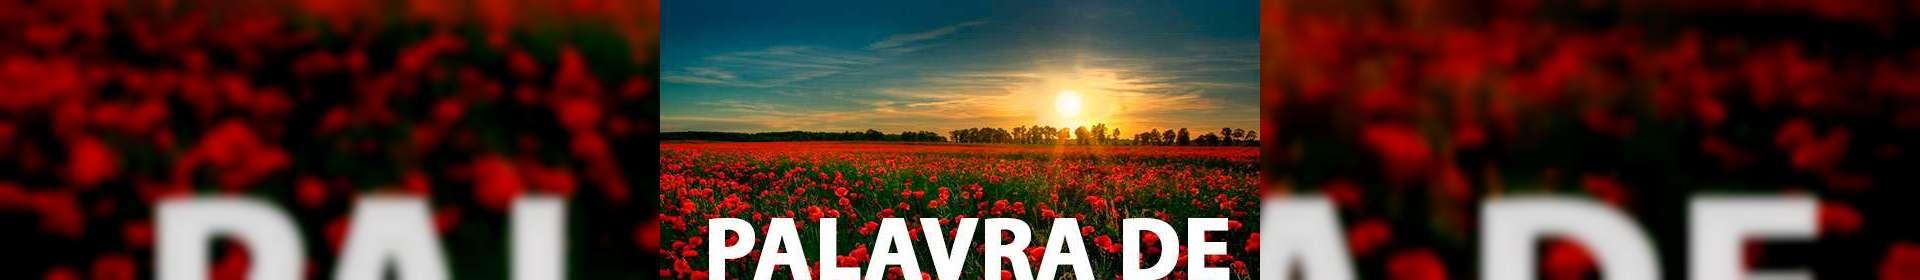 Salmos 84:10 - Uma Palavra de Esperança para sua vida